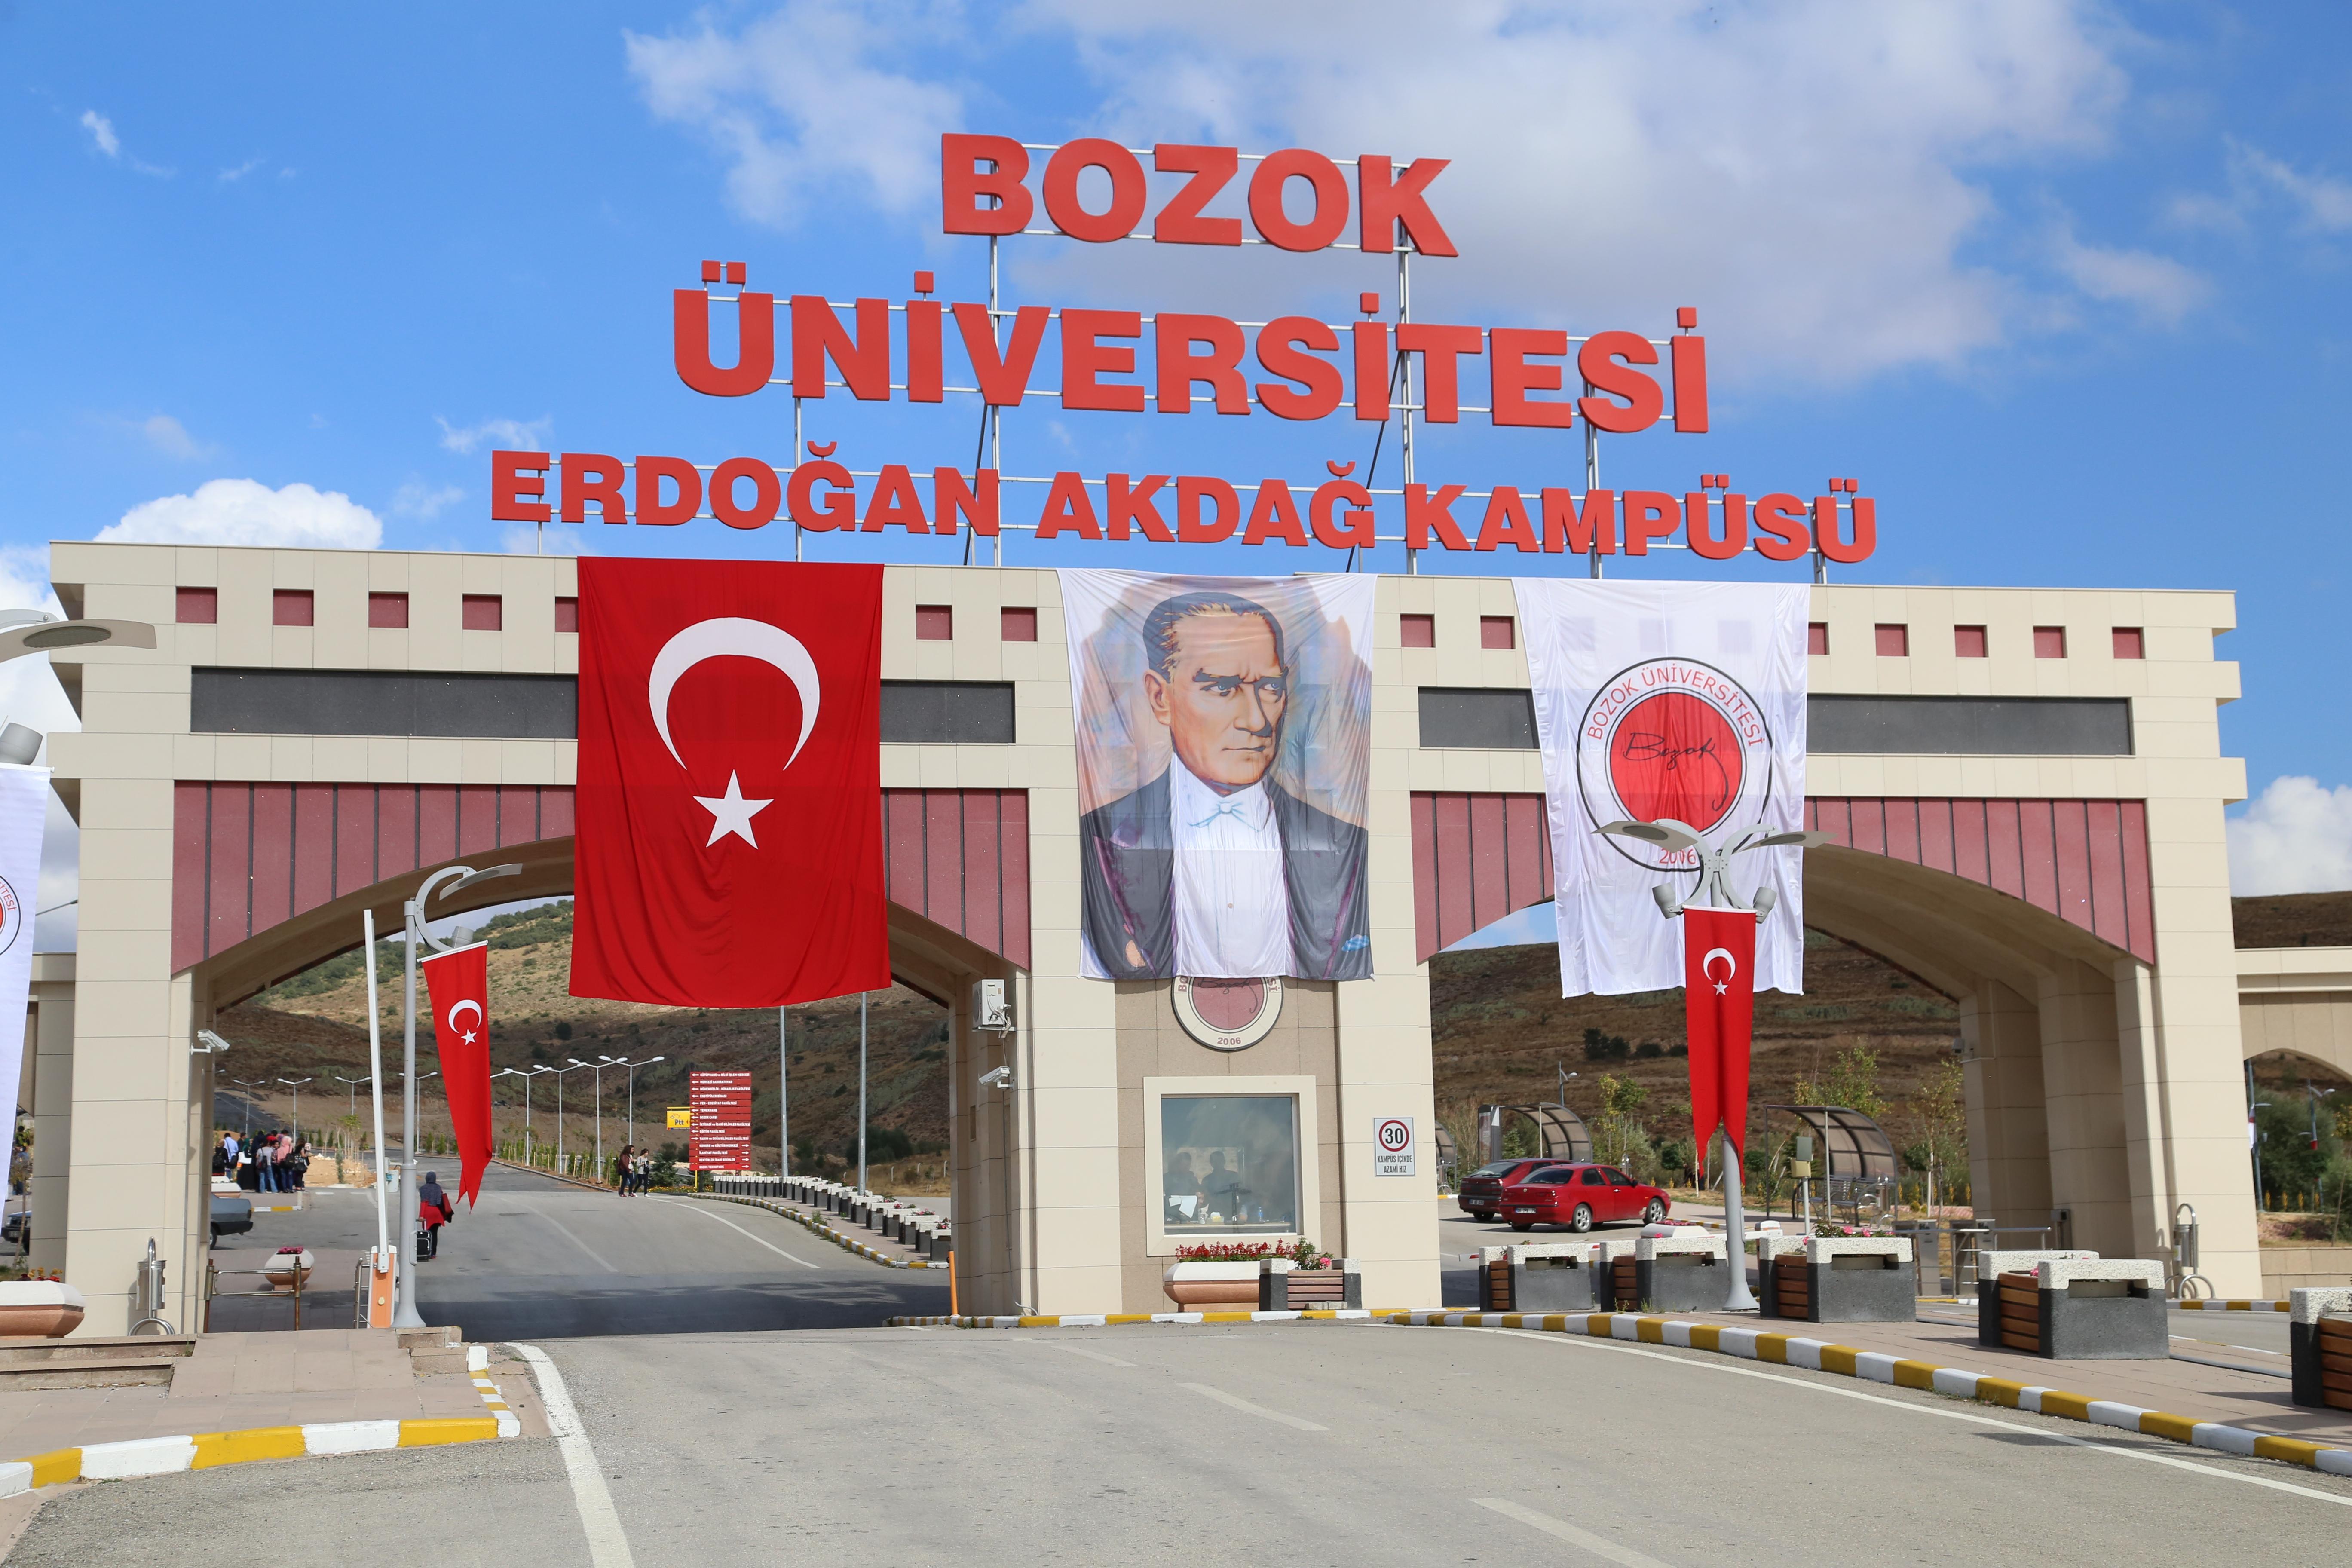 Resmi Gazetede Yayımlandı Bozok Üniversitesi'nin İsmi Değişti